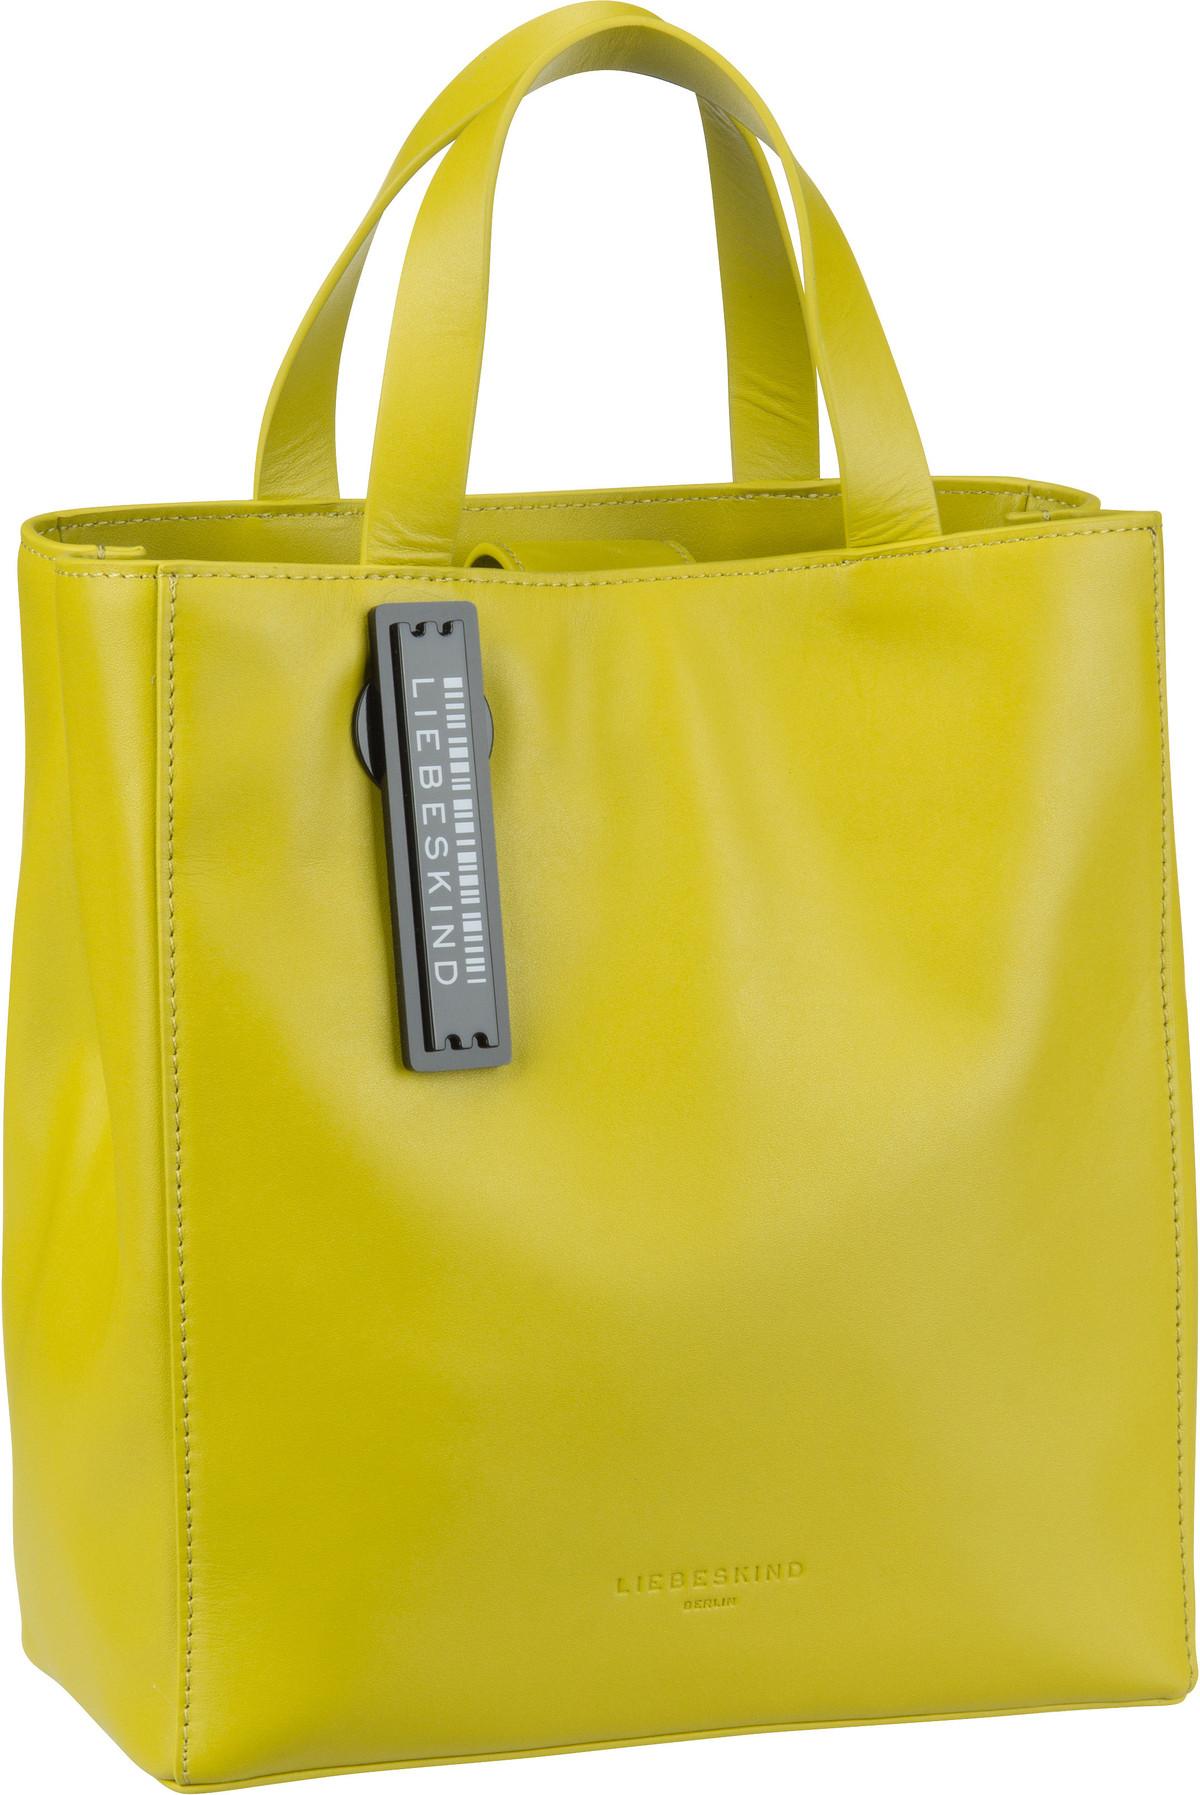 Berlin Handtasche Paper Bag Tote S Lime